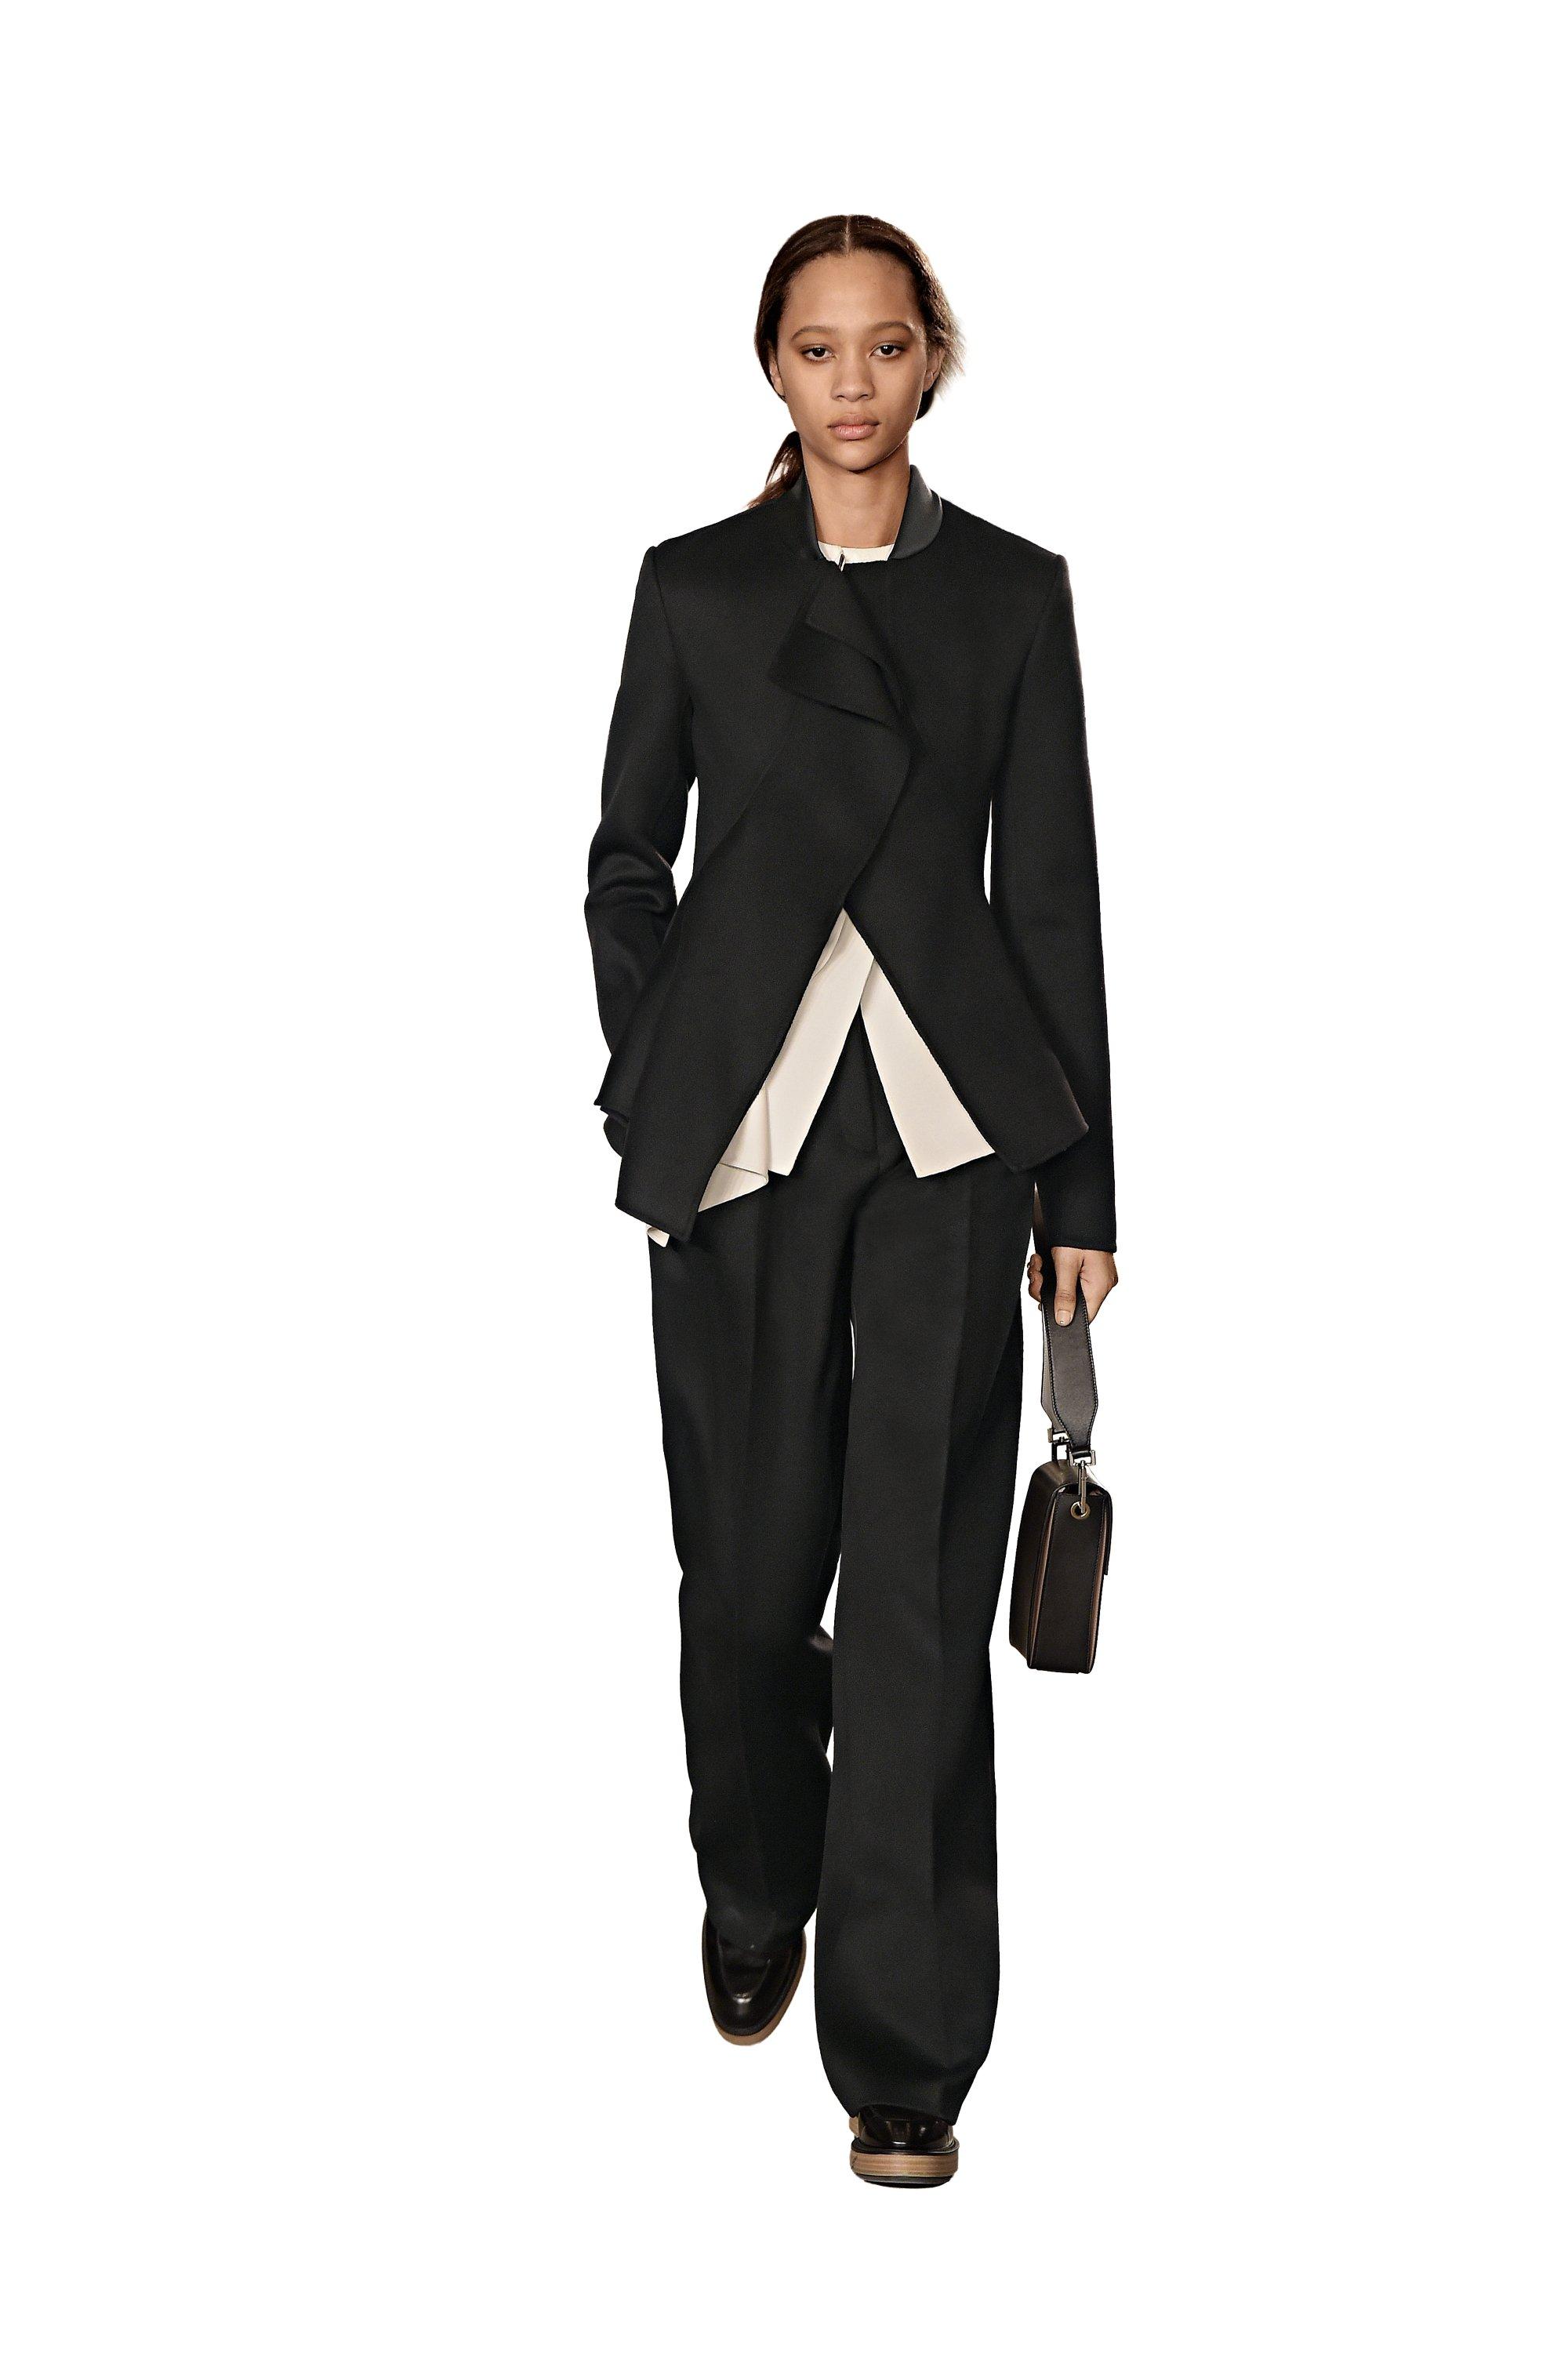 Costume noir, chemisier blanc, chaussures noires et sac à main BOSS